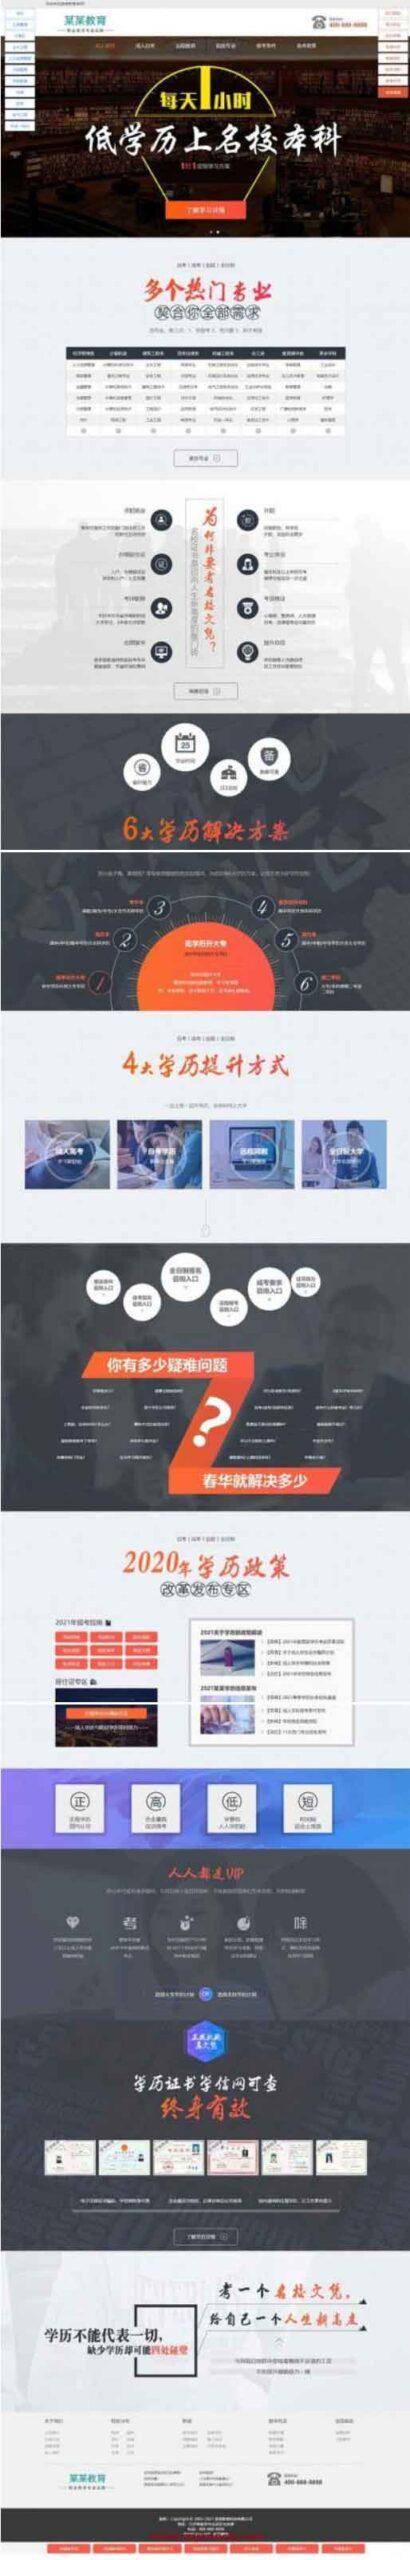 织梦单页推广落地页自考教育培训营销型dedecms模板带移动端